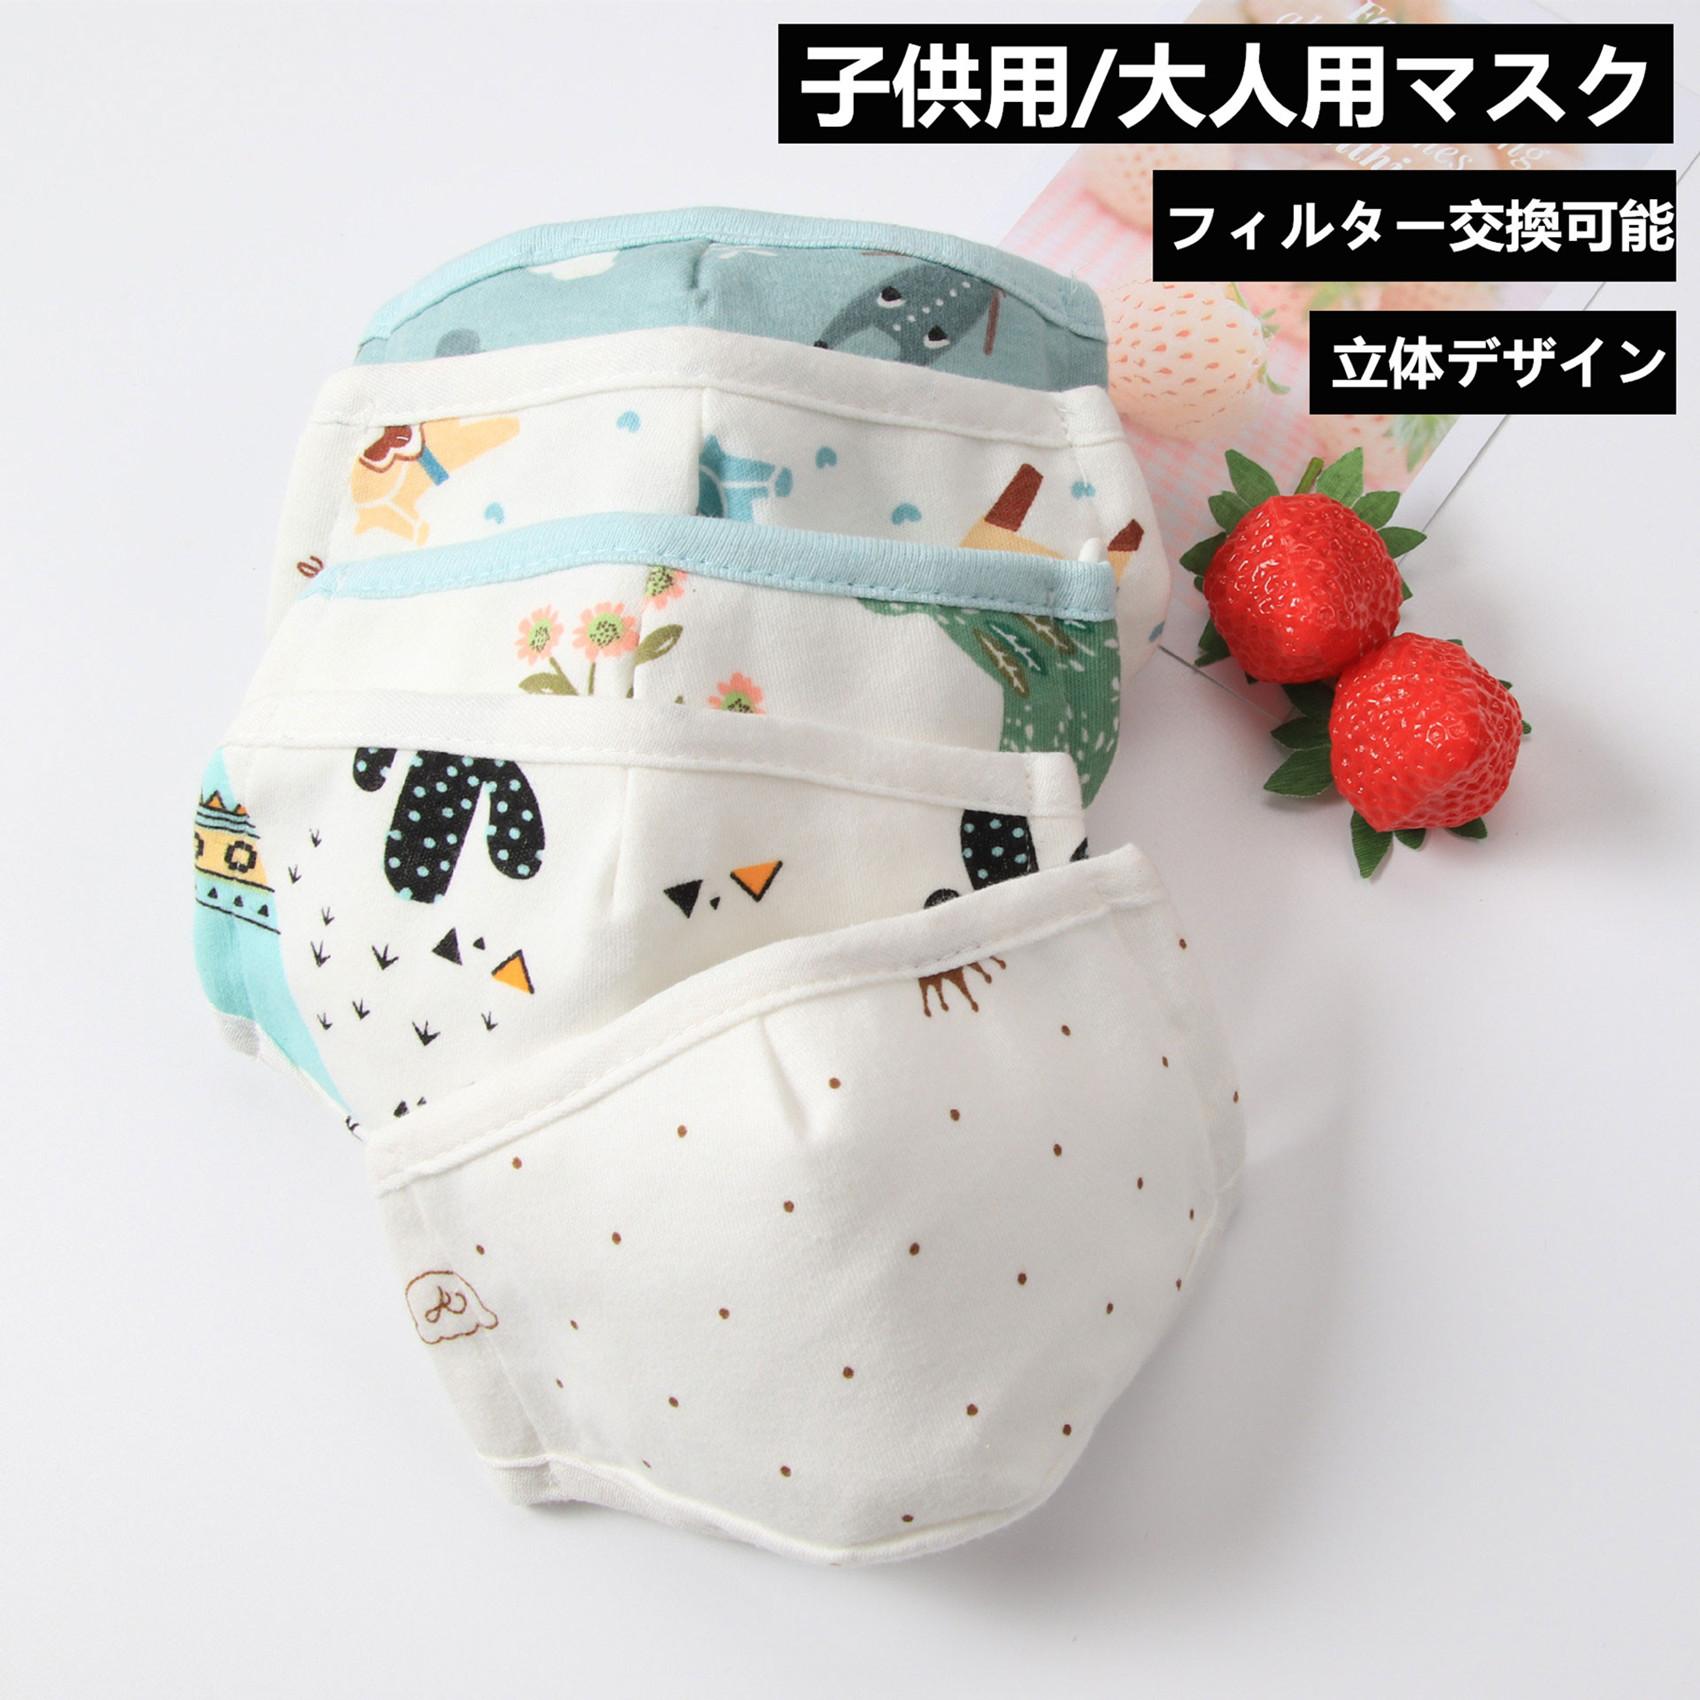 大人 マスク 子供用マスク 3層マスク 立体マスク